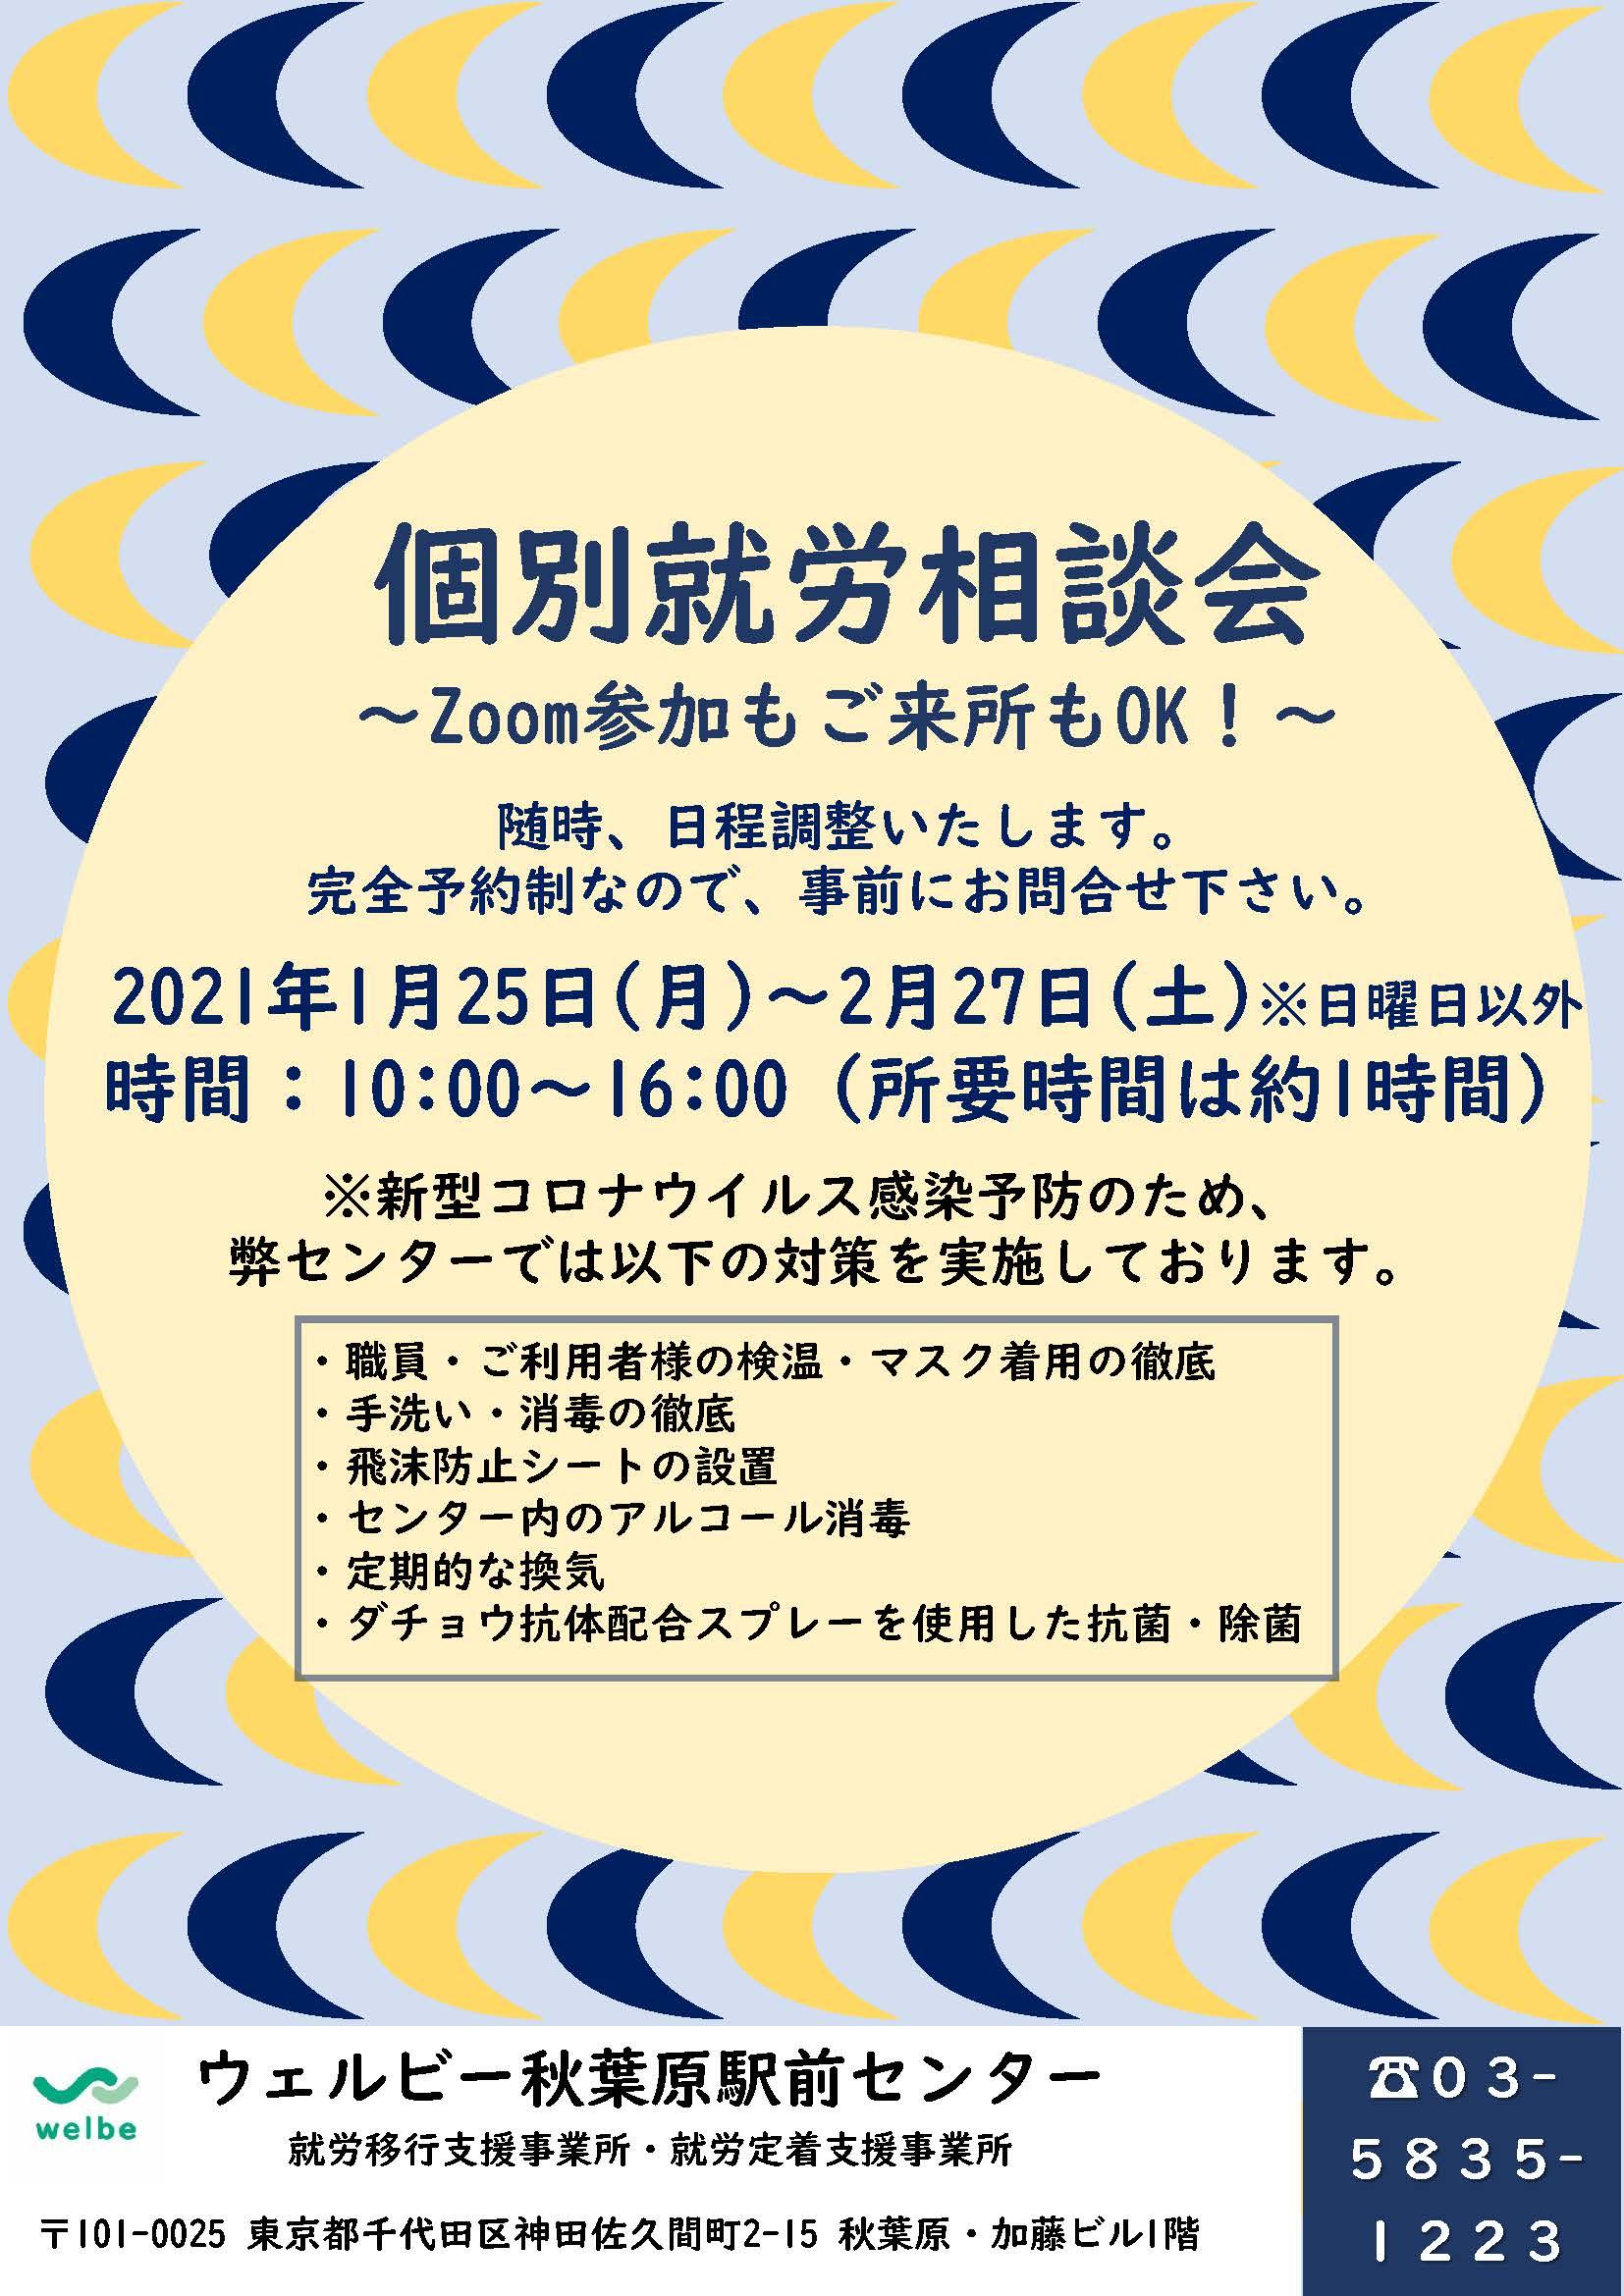 【秋葉原】個別就労相談会チラシ20210121